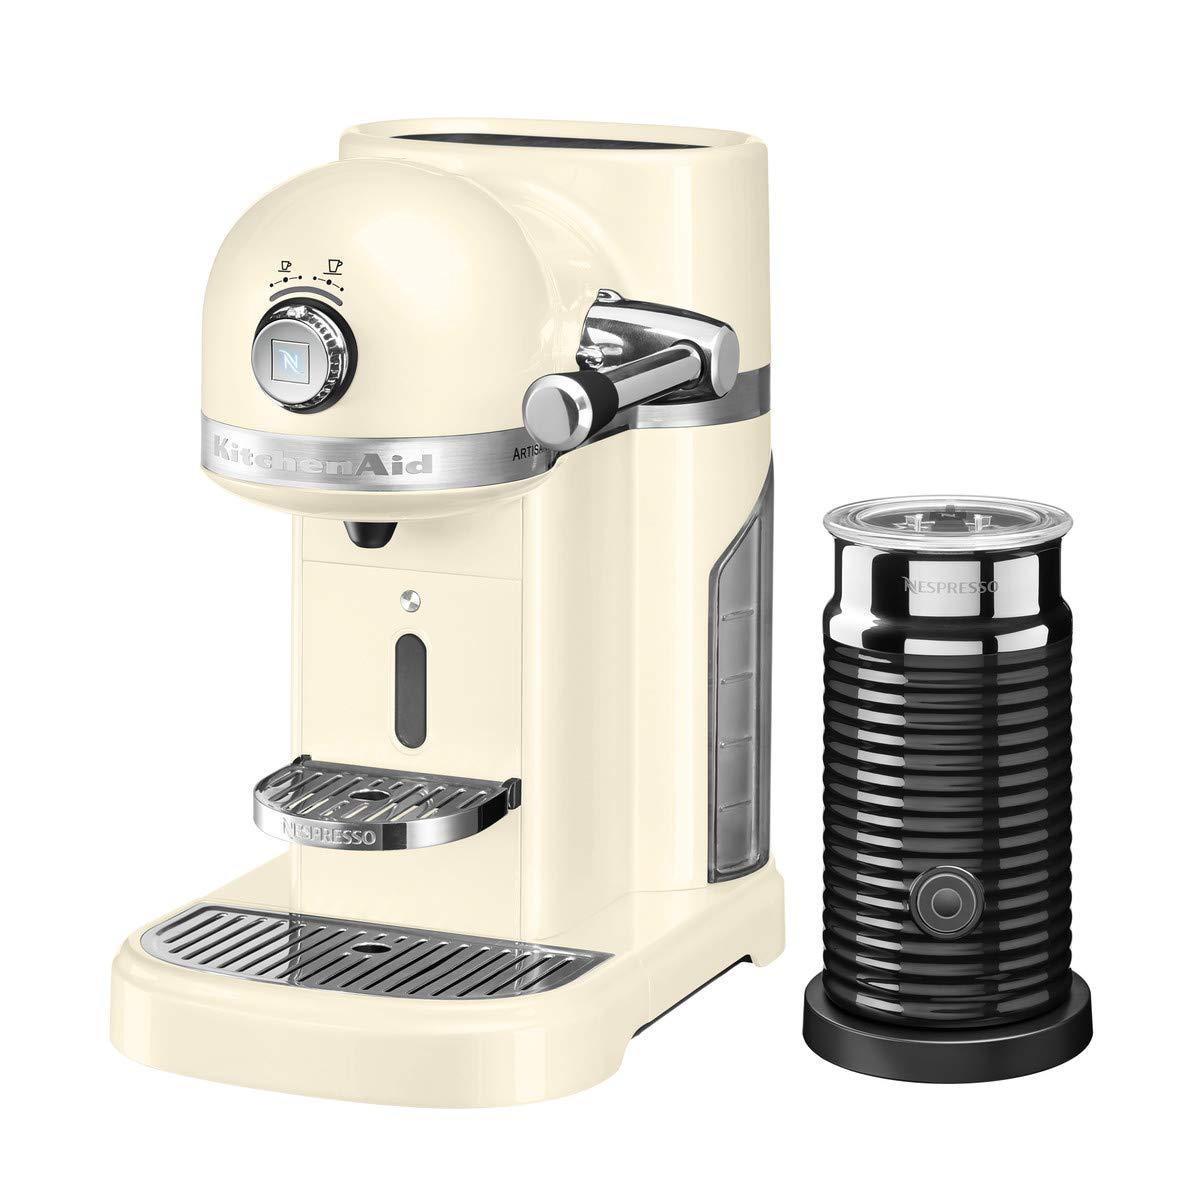 KitchenAid 5 kes050 4eac/4 eléctrica con cápsulas de Nespresso ...